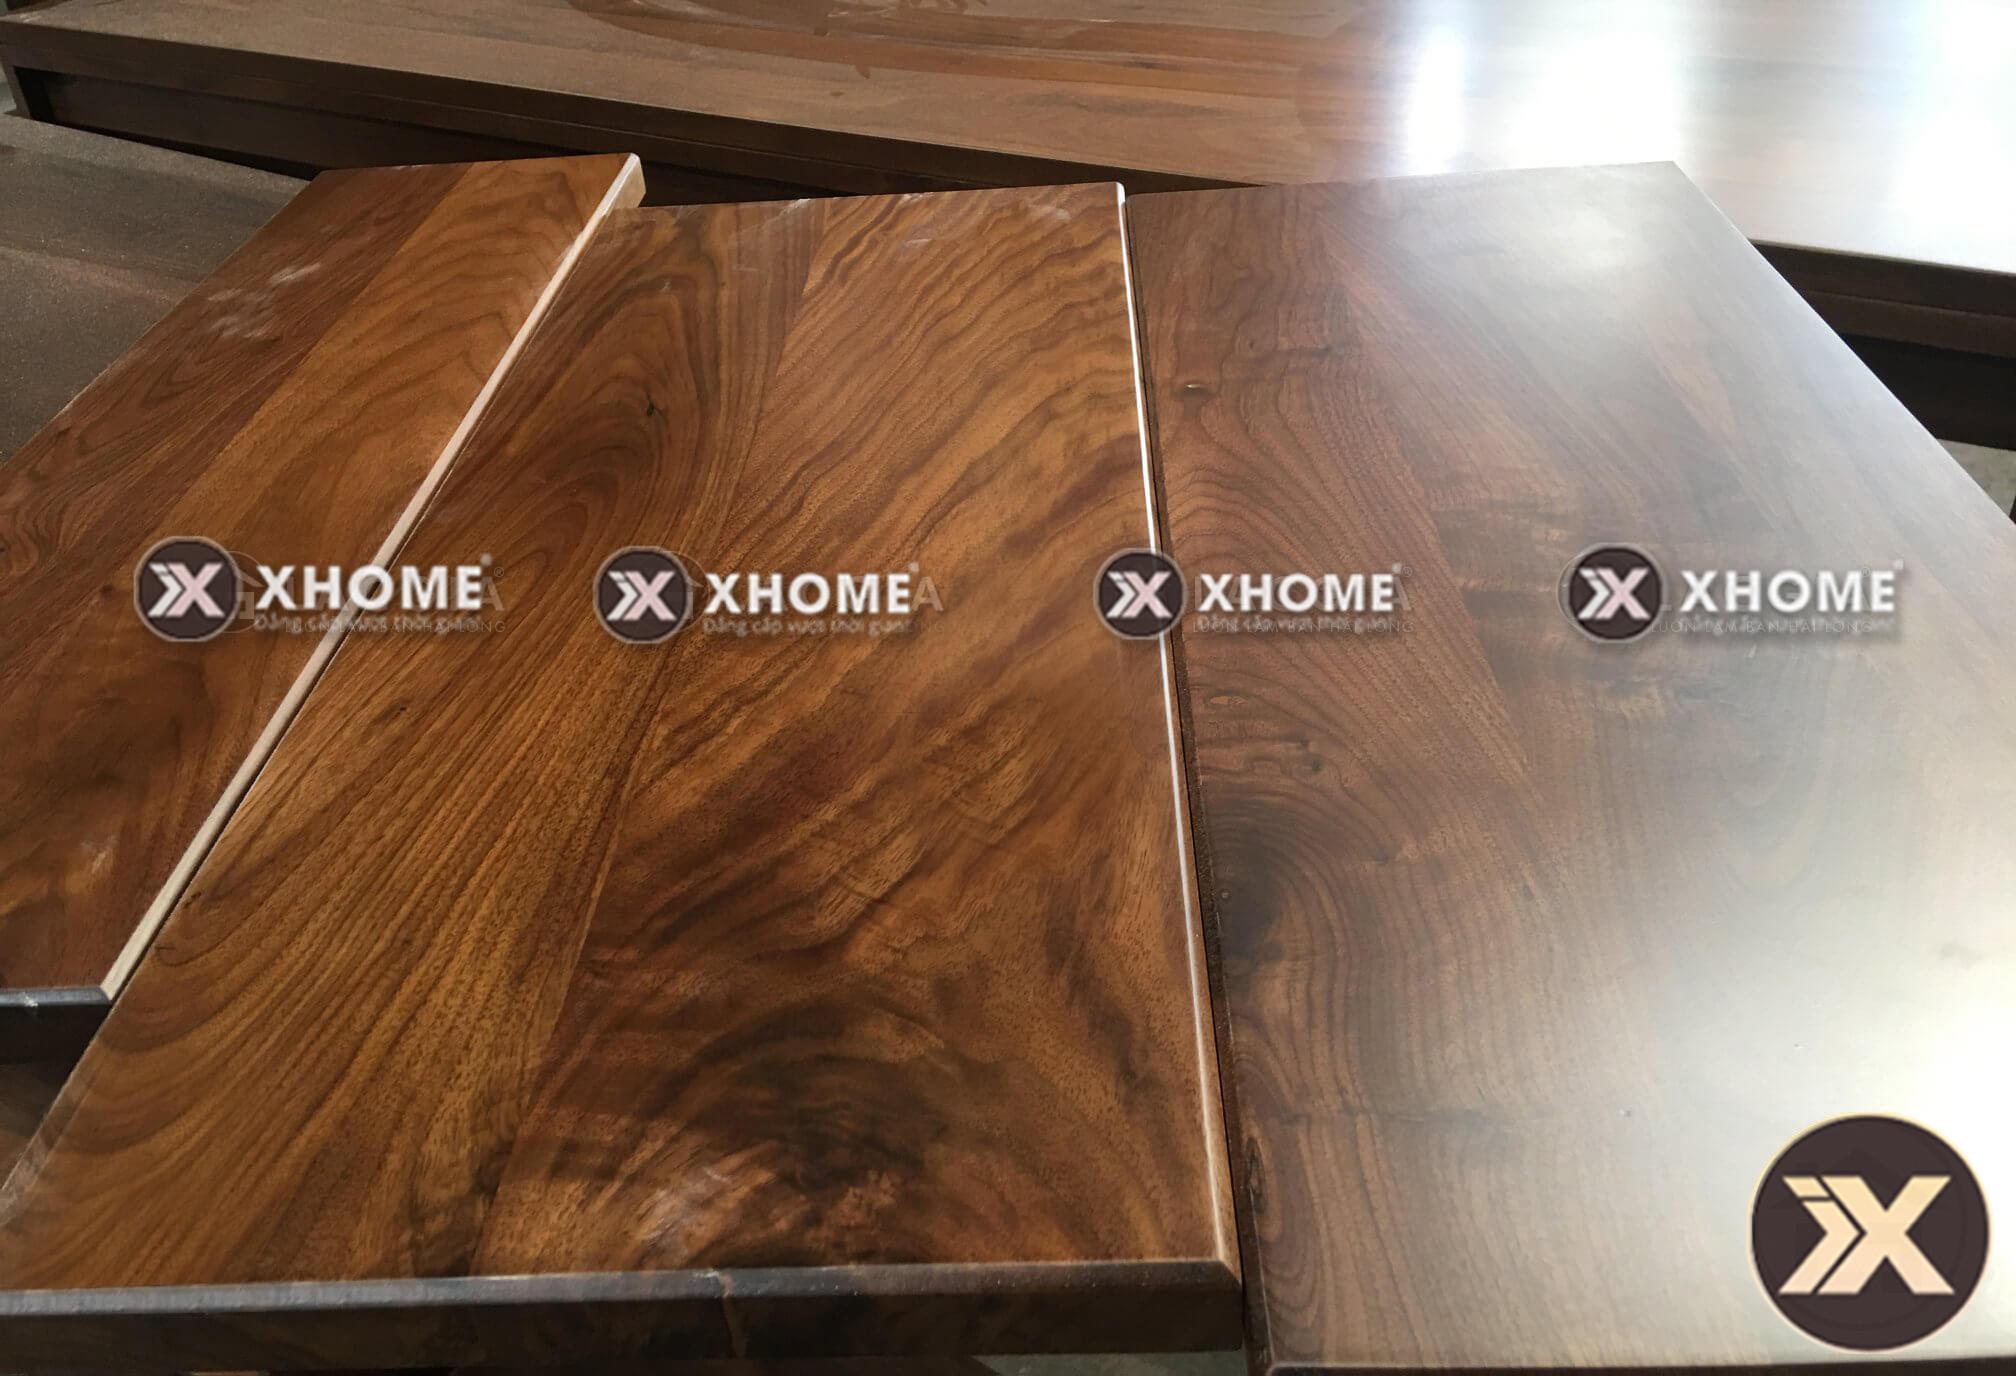 go oc cho tu nhien - Sofa gỗ góc nhỏ chữ L - Chuyên gia tối ưu diện tích không gian sống